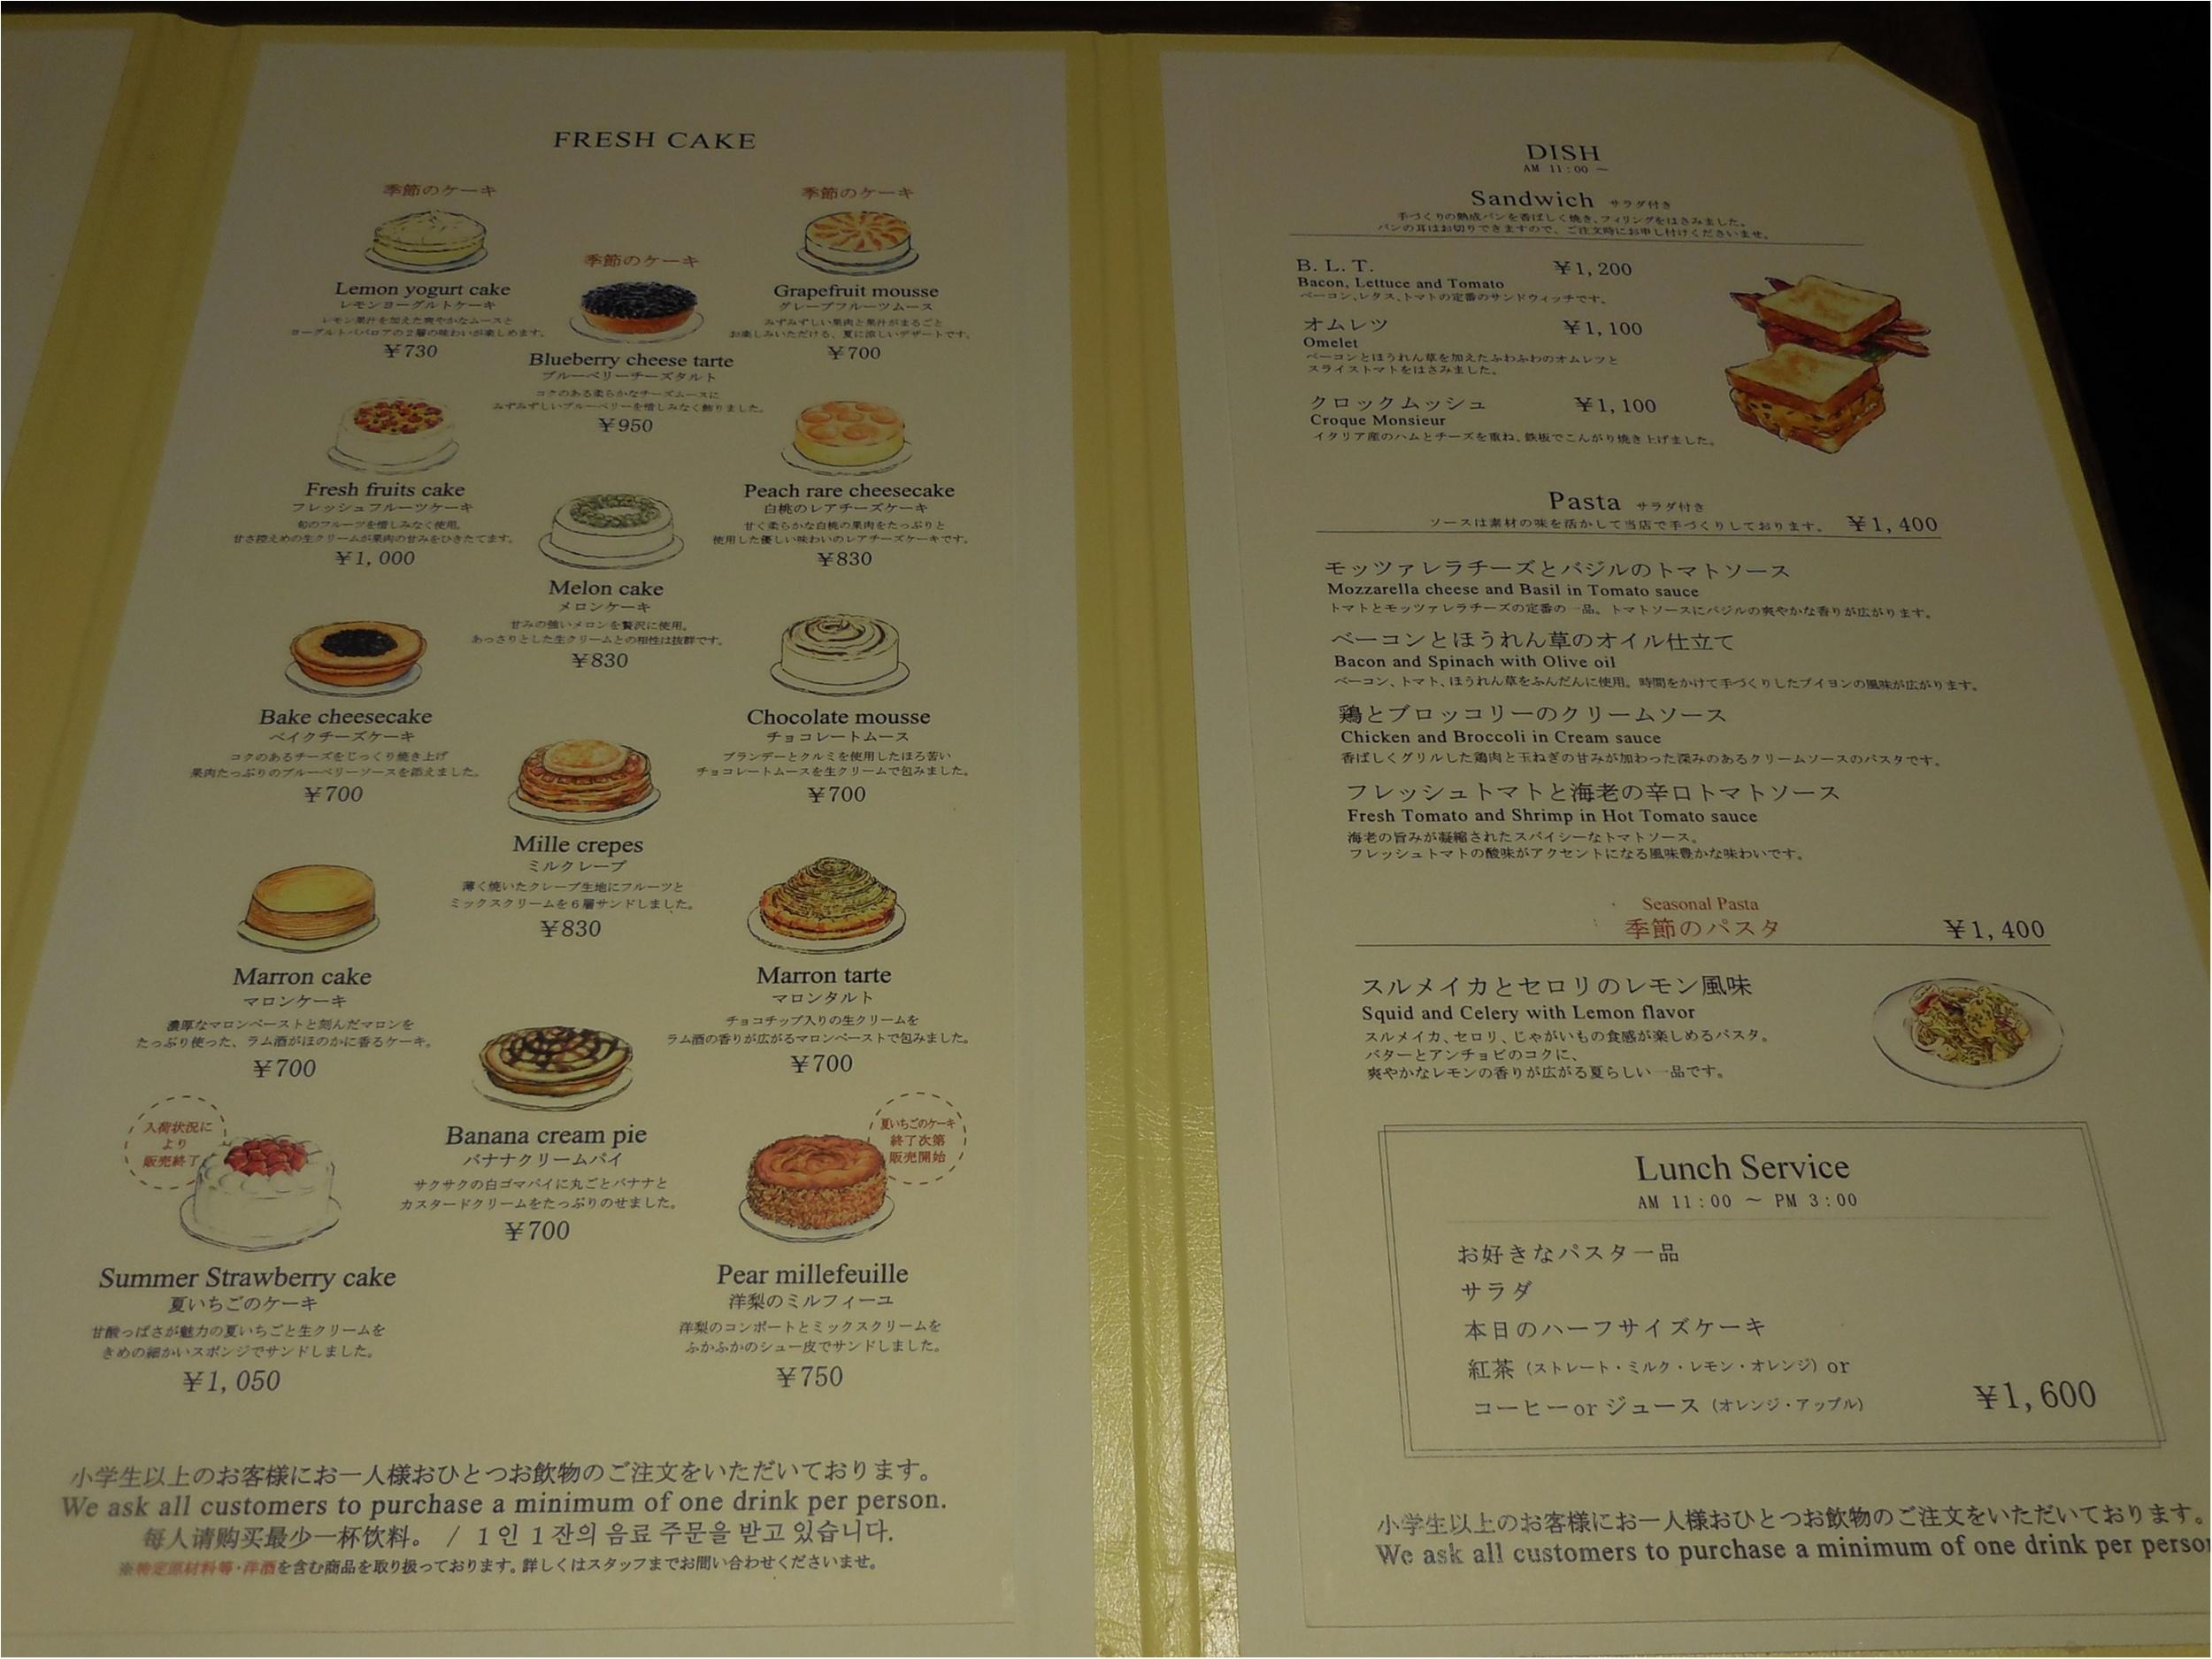 フレッシュフルーツケーキで有名な【ハーブス】はコーヒーがおかわりできる!_1